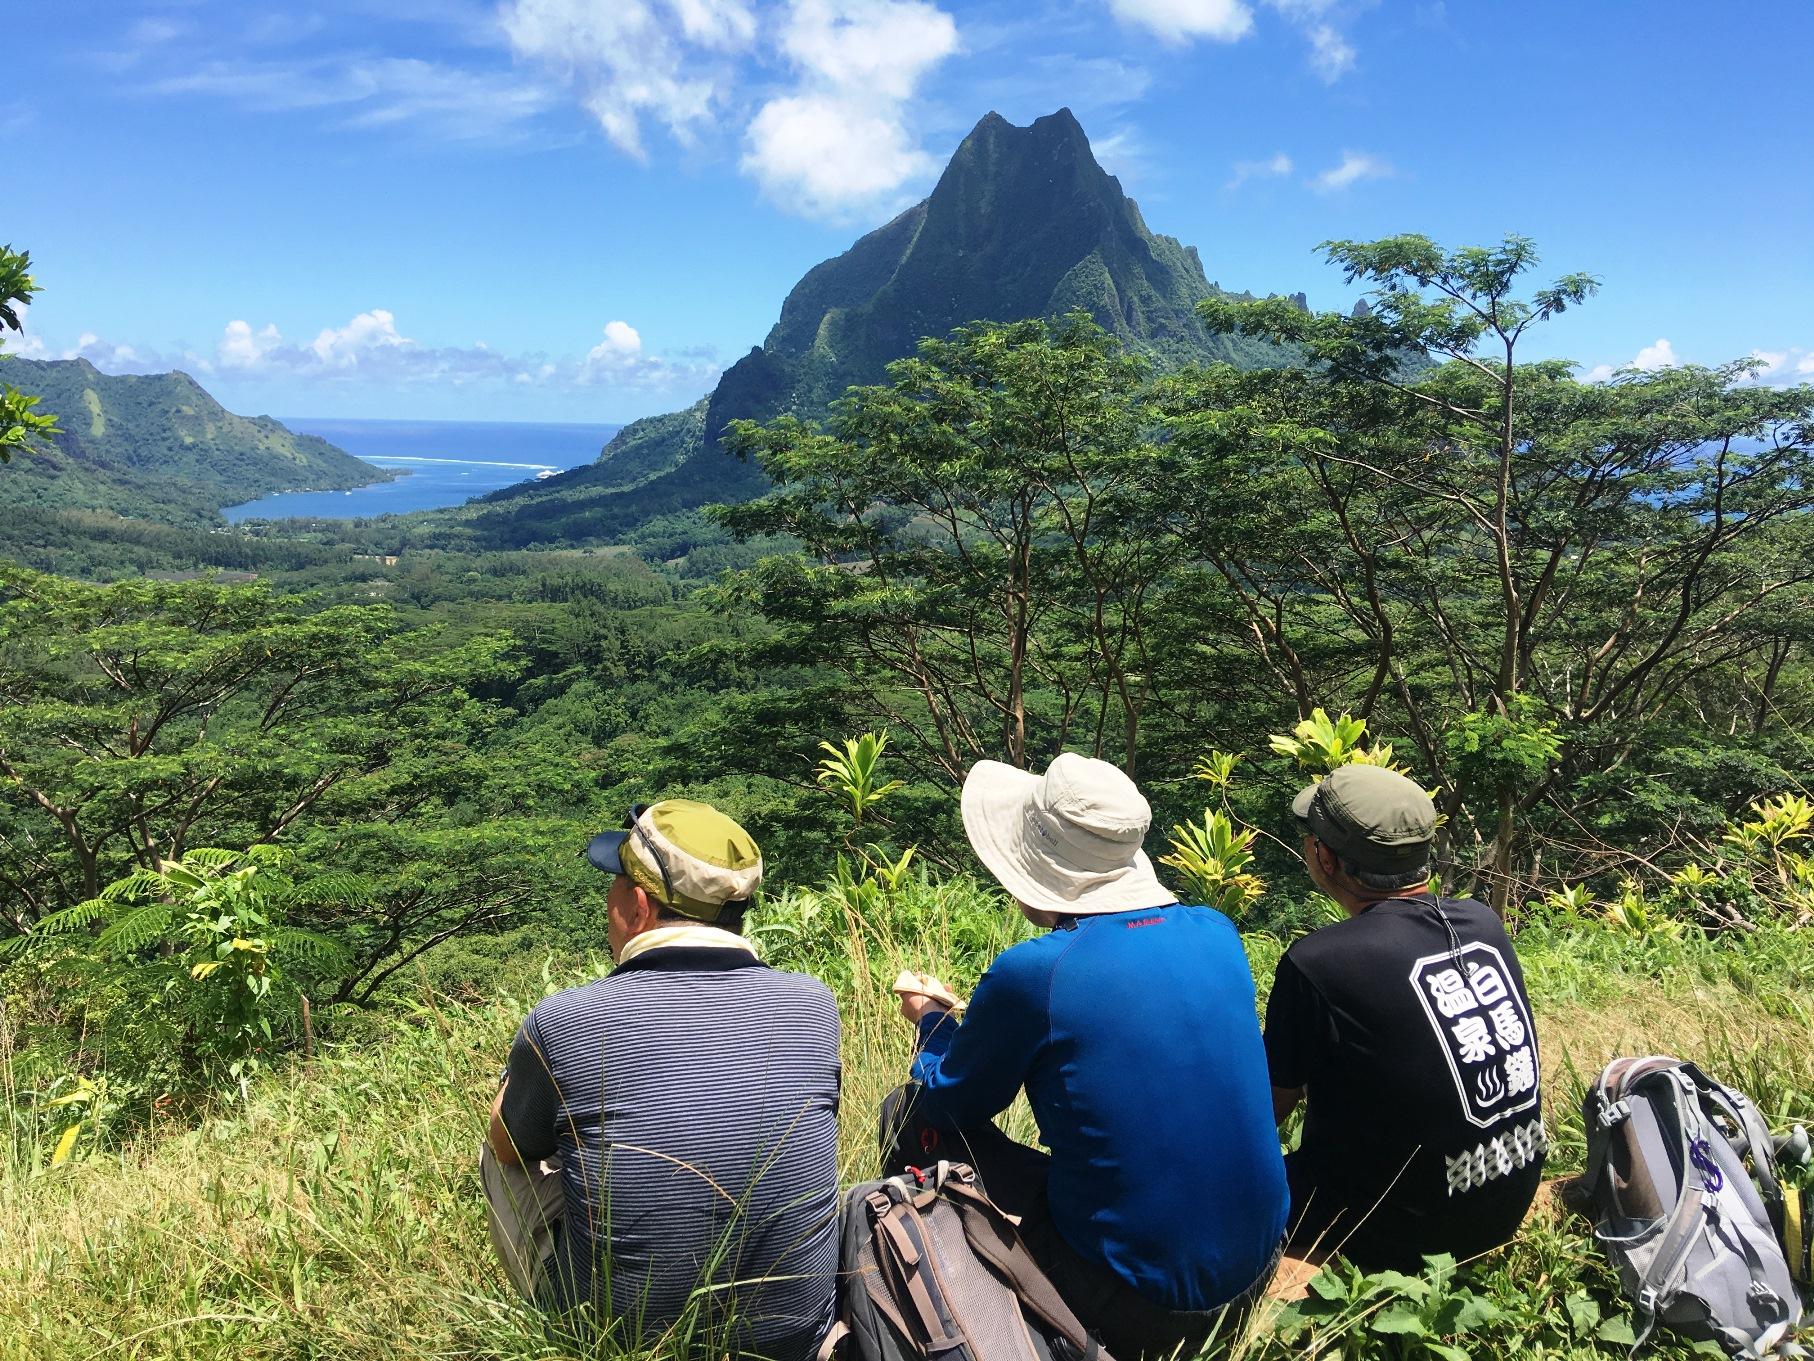 タヒチのモーレア島は急峻な山々が多い